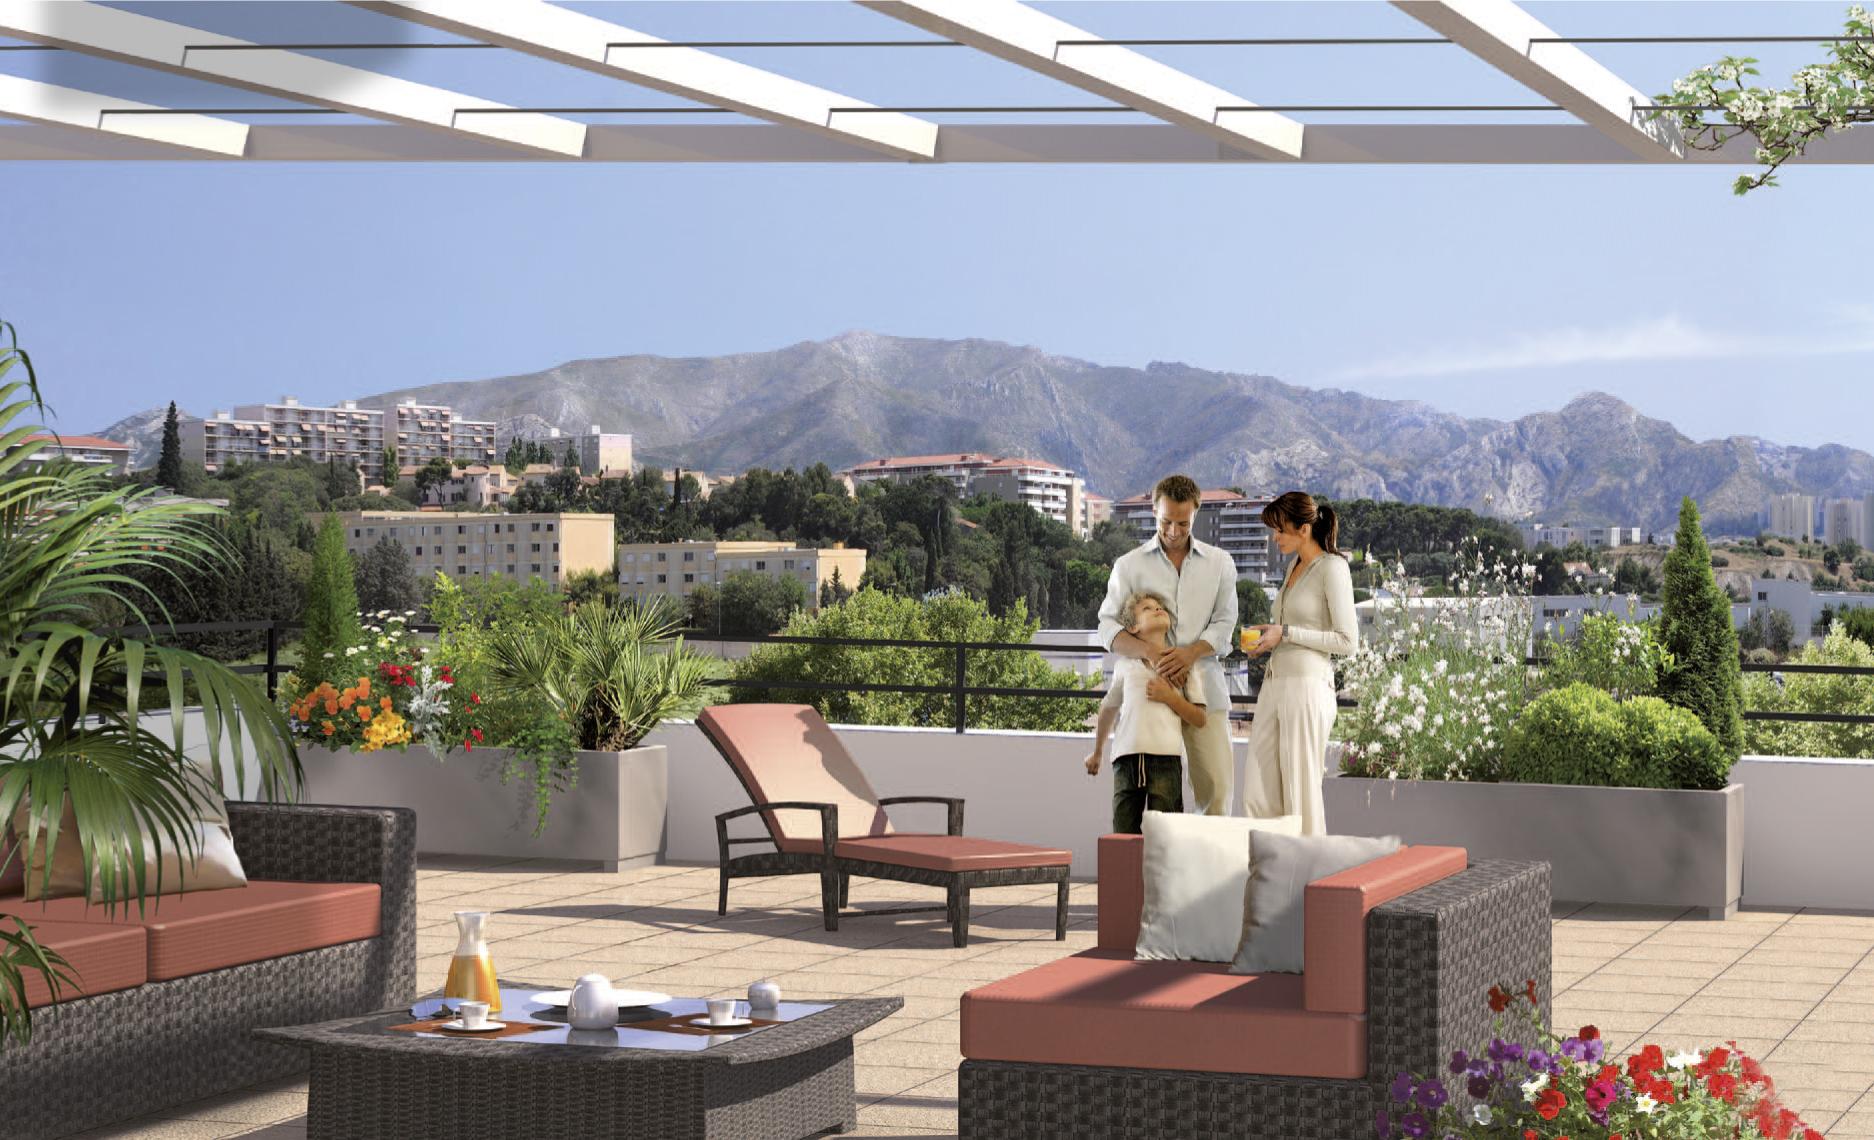 programme immobilier neuf domaine grand soleil marseille 12e immobilier tendances d co bons. Black Bedroom Furniture Sets. Home Design Ideas